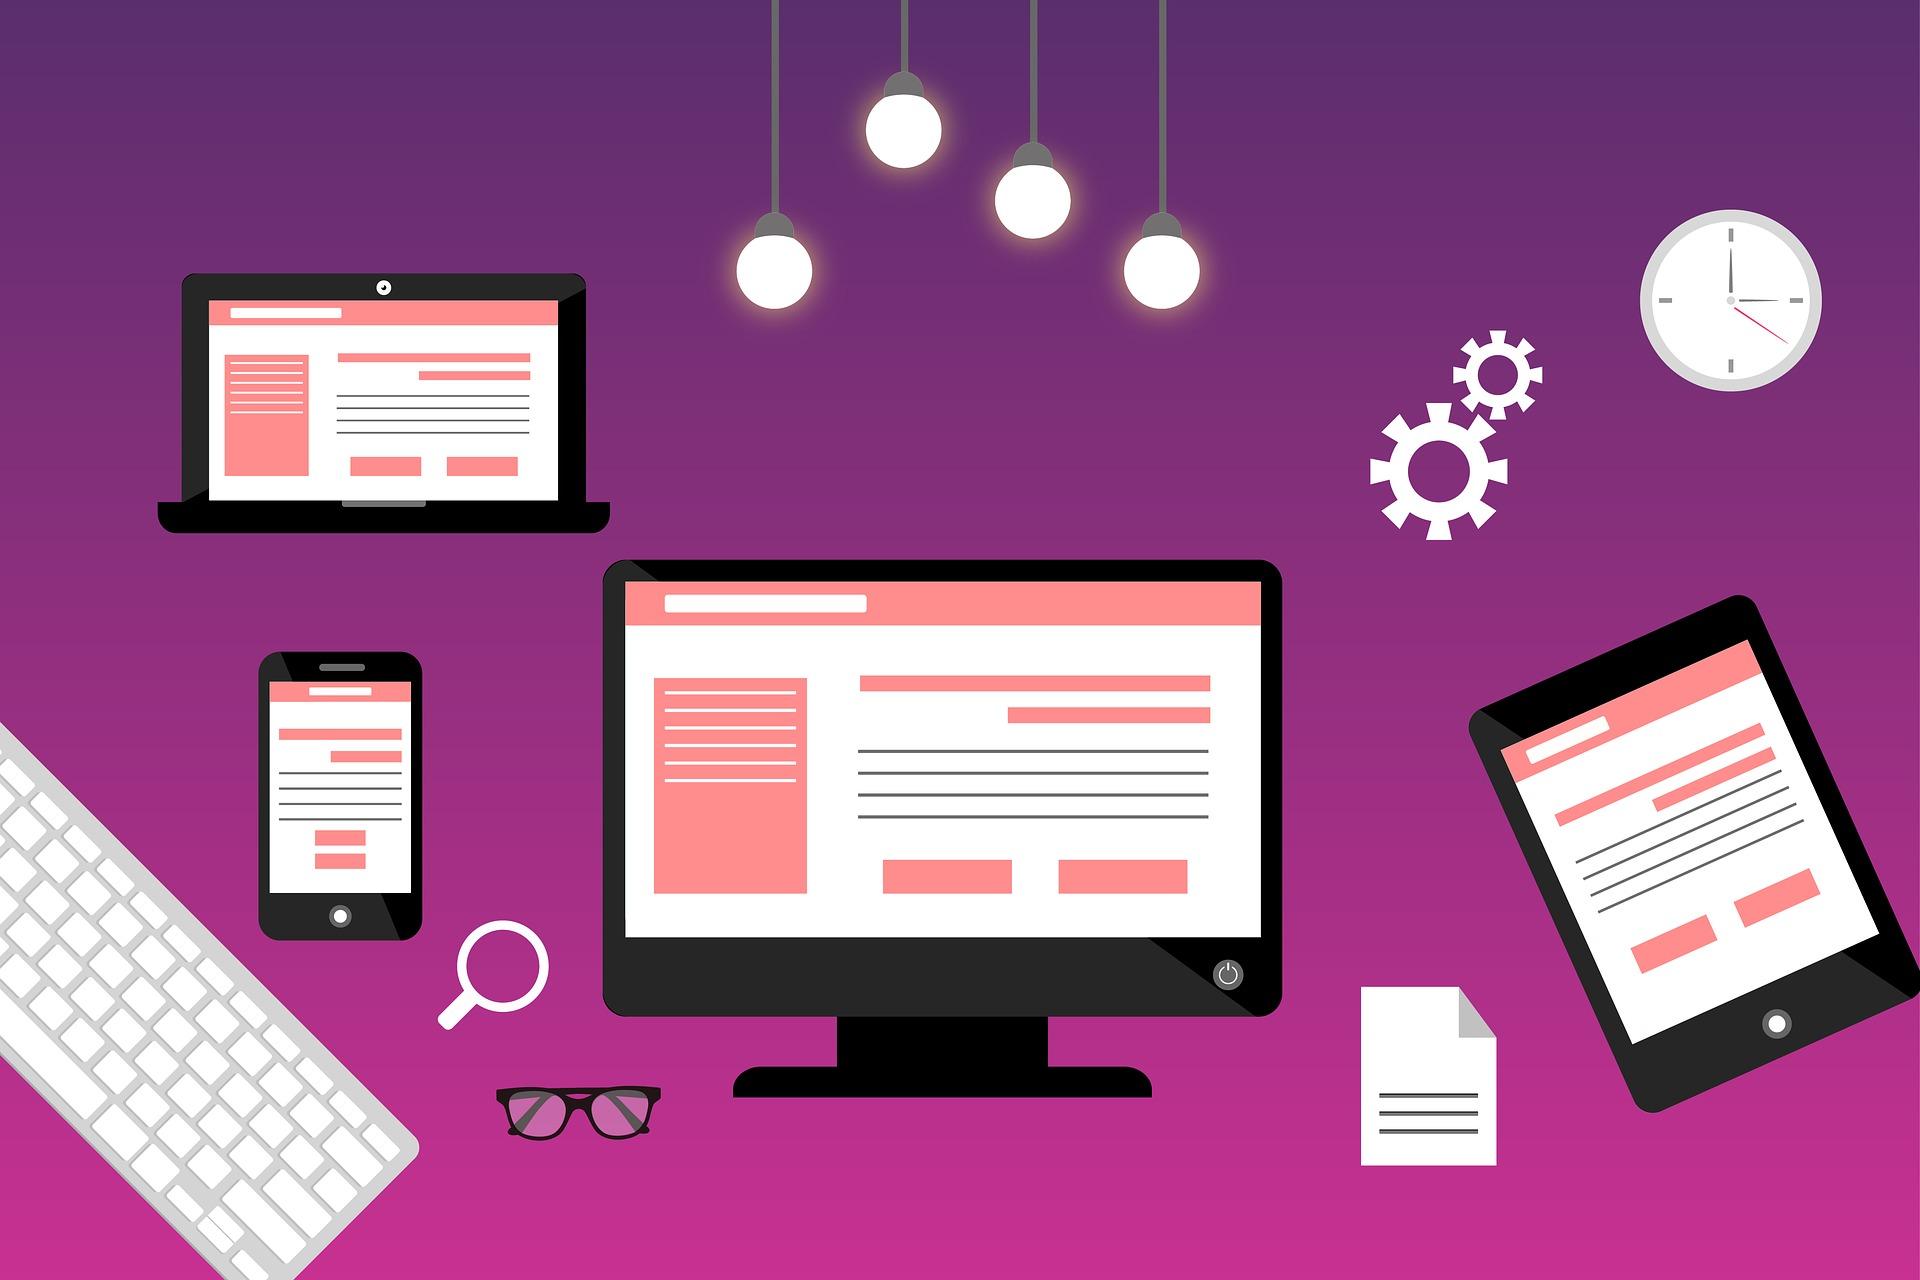 40165website-designer-in-delhi.jpg